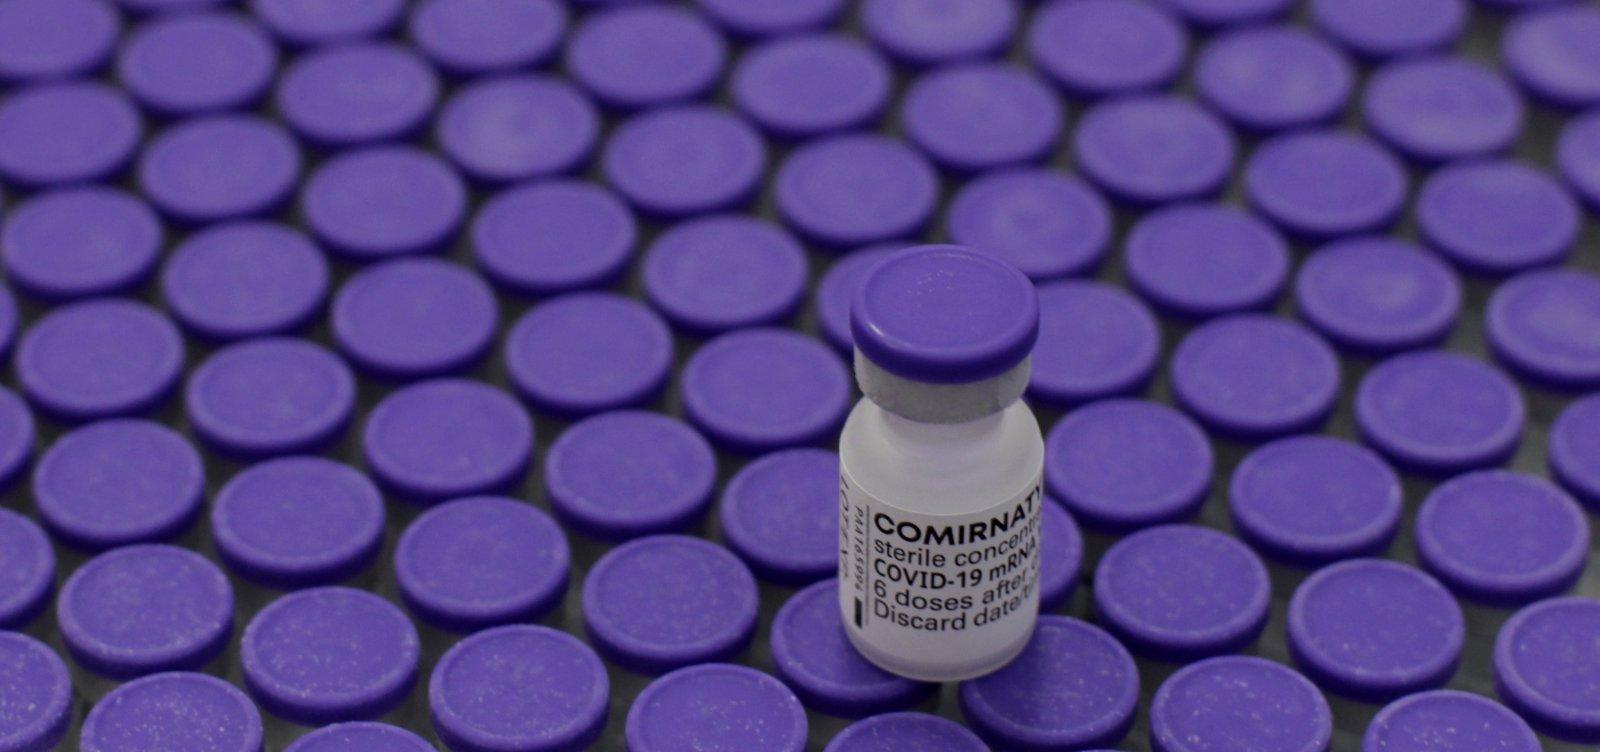 Bahia deve receber mais de 600 mil doses de vacinas contra Covid-19 até quarta-feira